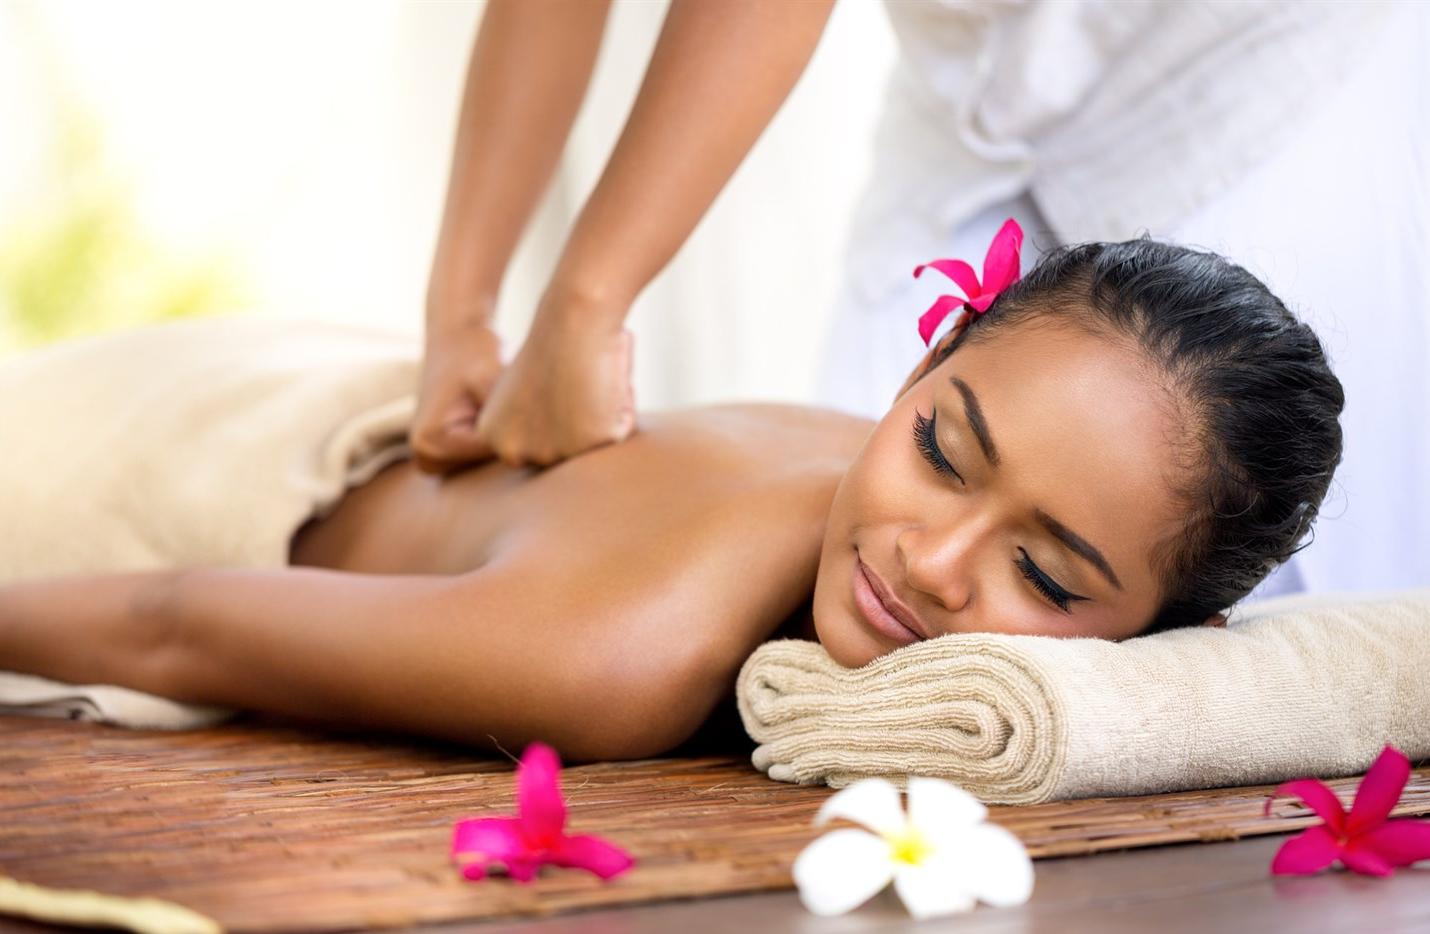 Бизнес-идея открытия салона тайского массажа